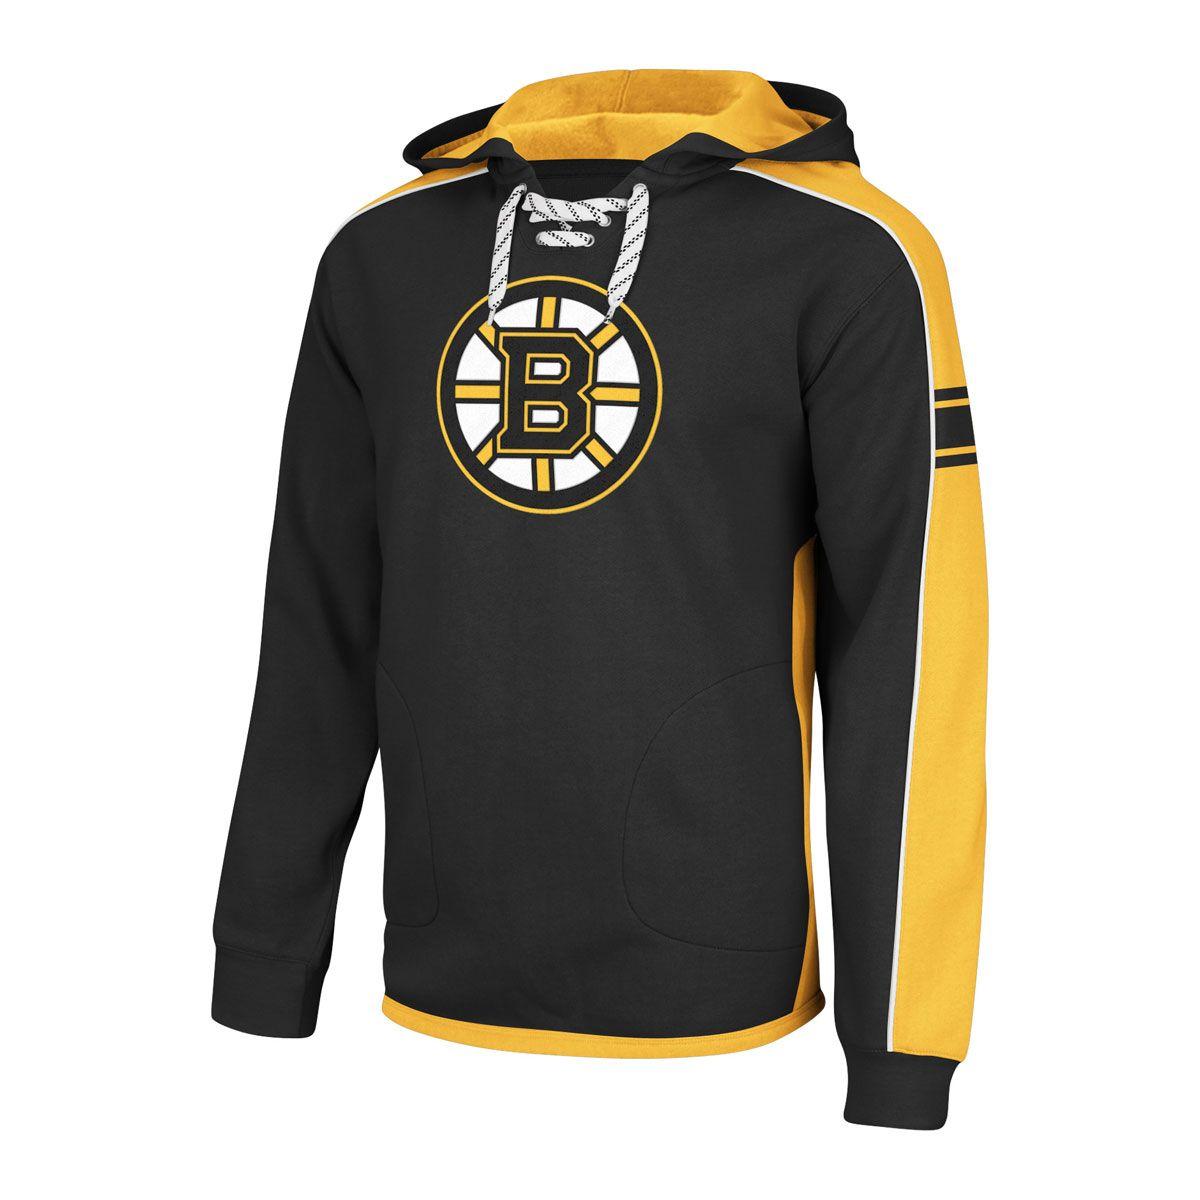 Boston Bruins Nhl Team Jersey Hoodie Want This Sooo Bad Black Hoodie Layering Outfits Hoodies